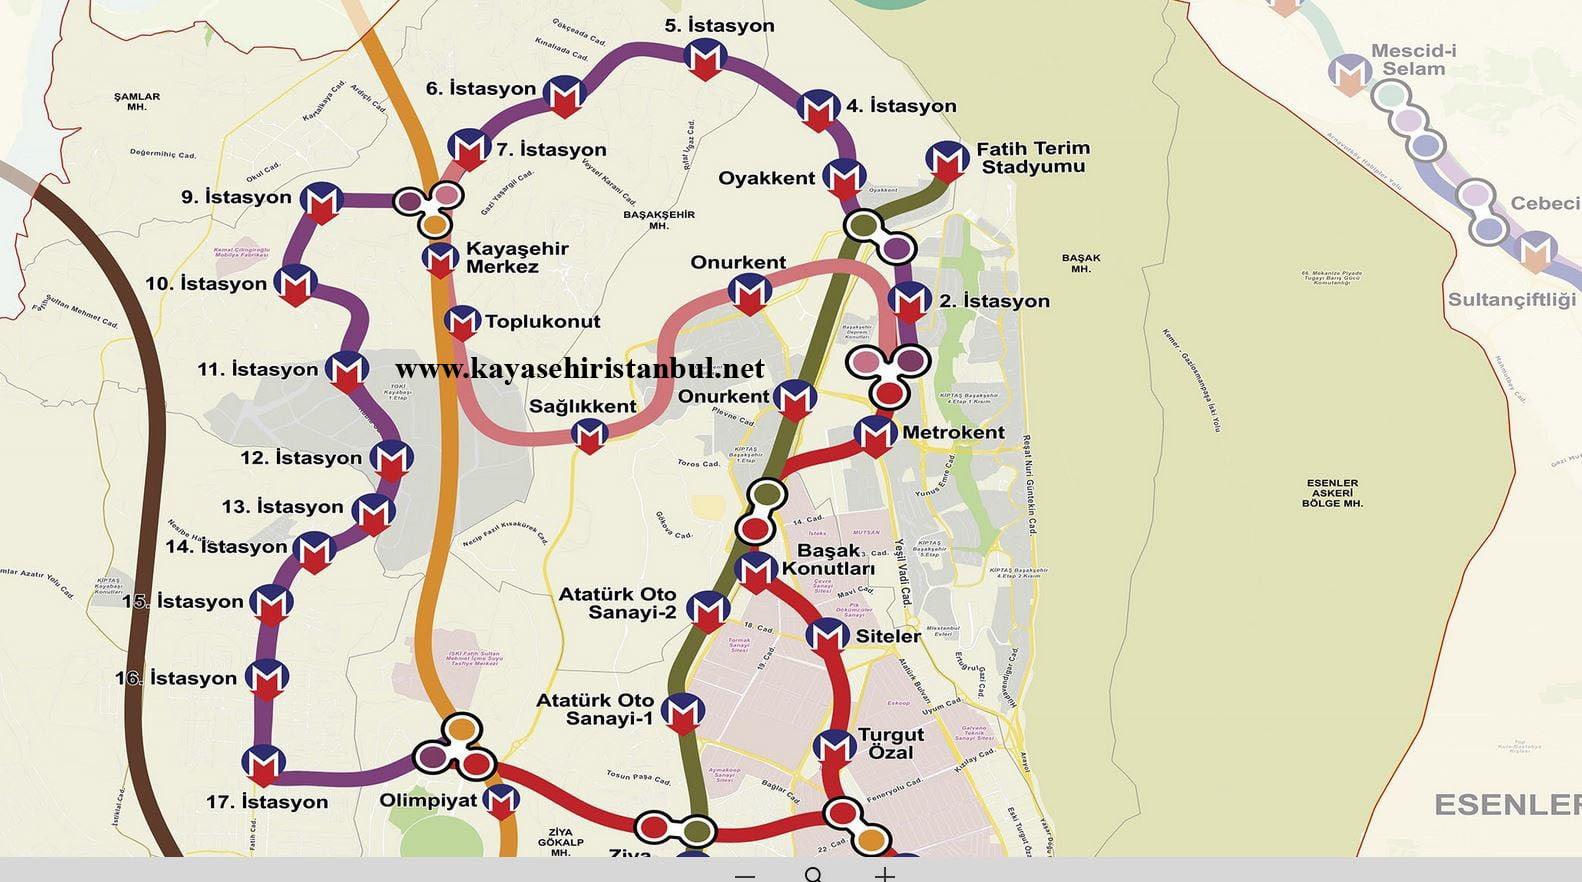 Merkez Kayaşehir'den Tramvay Geçecek